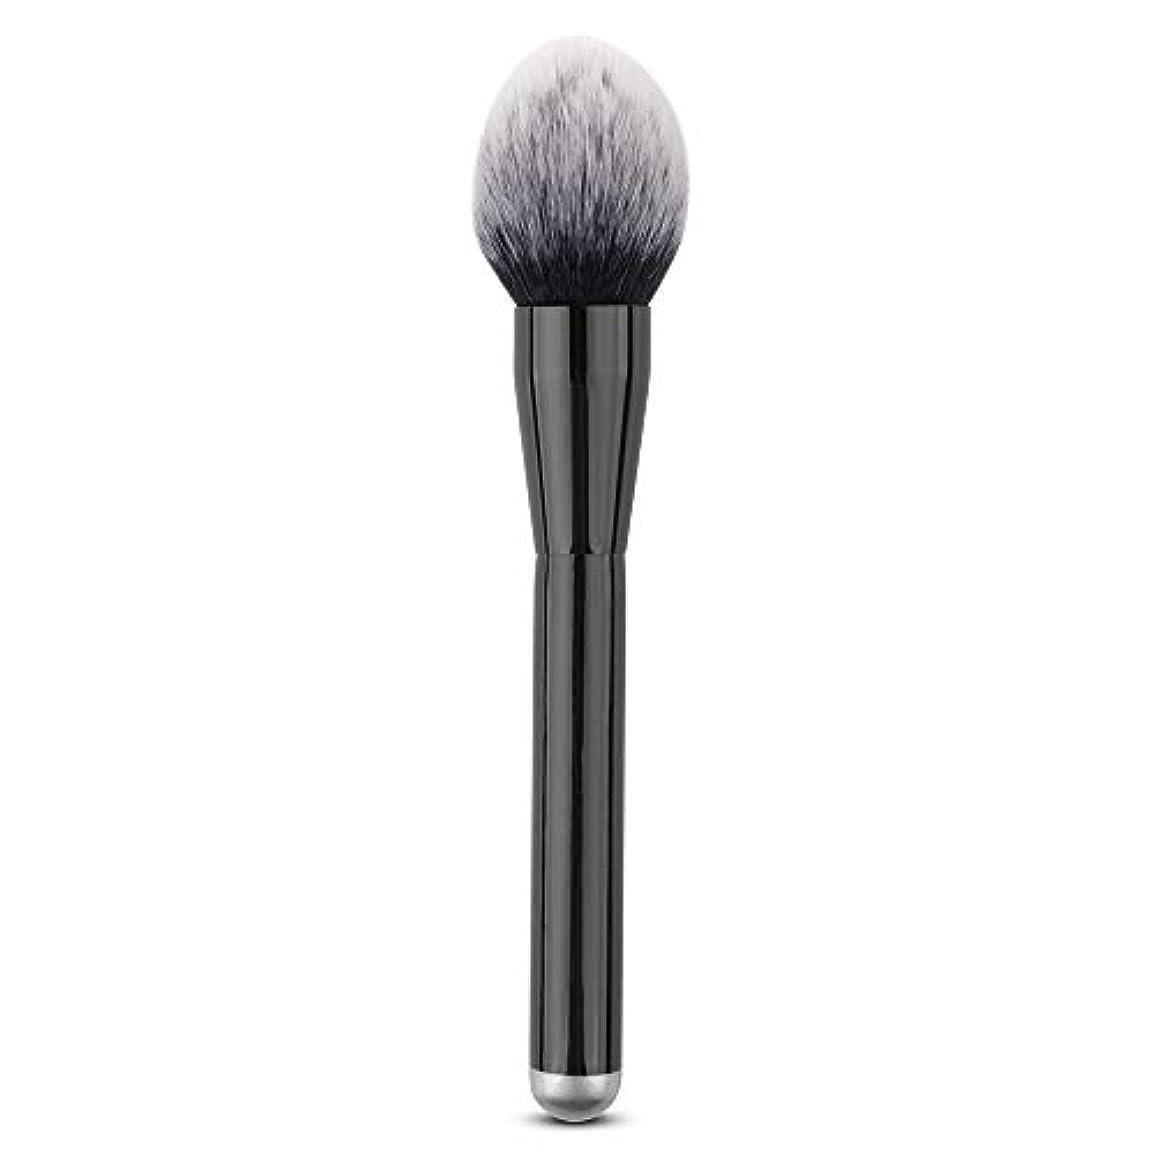 力迫害崩壊Makeup brushes 単一のブラシ巧みな構造のブラシ柔らかいブラシPerdurableおよび携帯用構造専門の構造のブラシ suits (Color : Black)